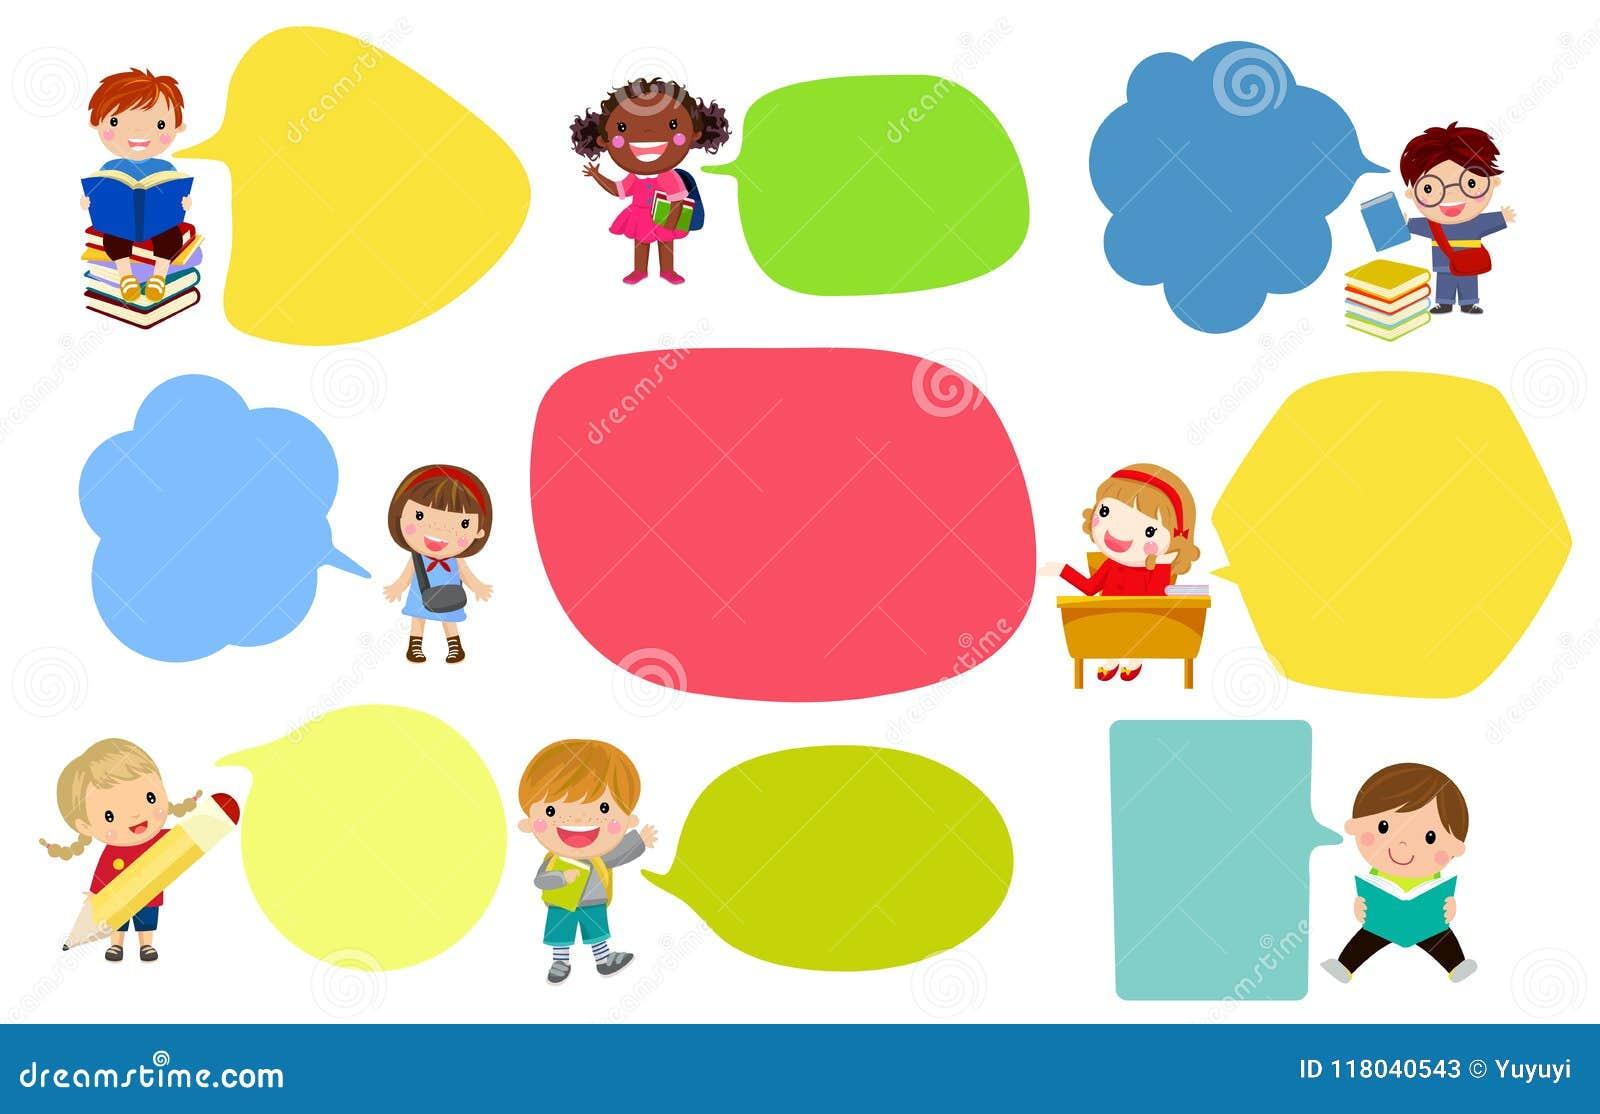 Szczęśliwa dziewczyna i chłopiec mówi wiadomość z pustym mowa balonem,